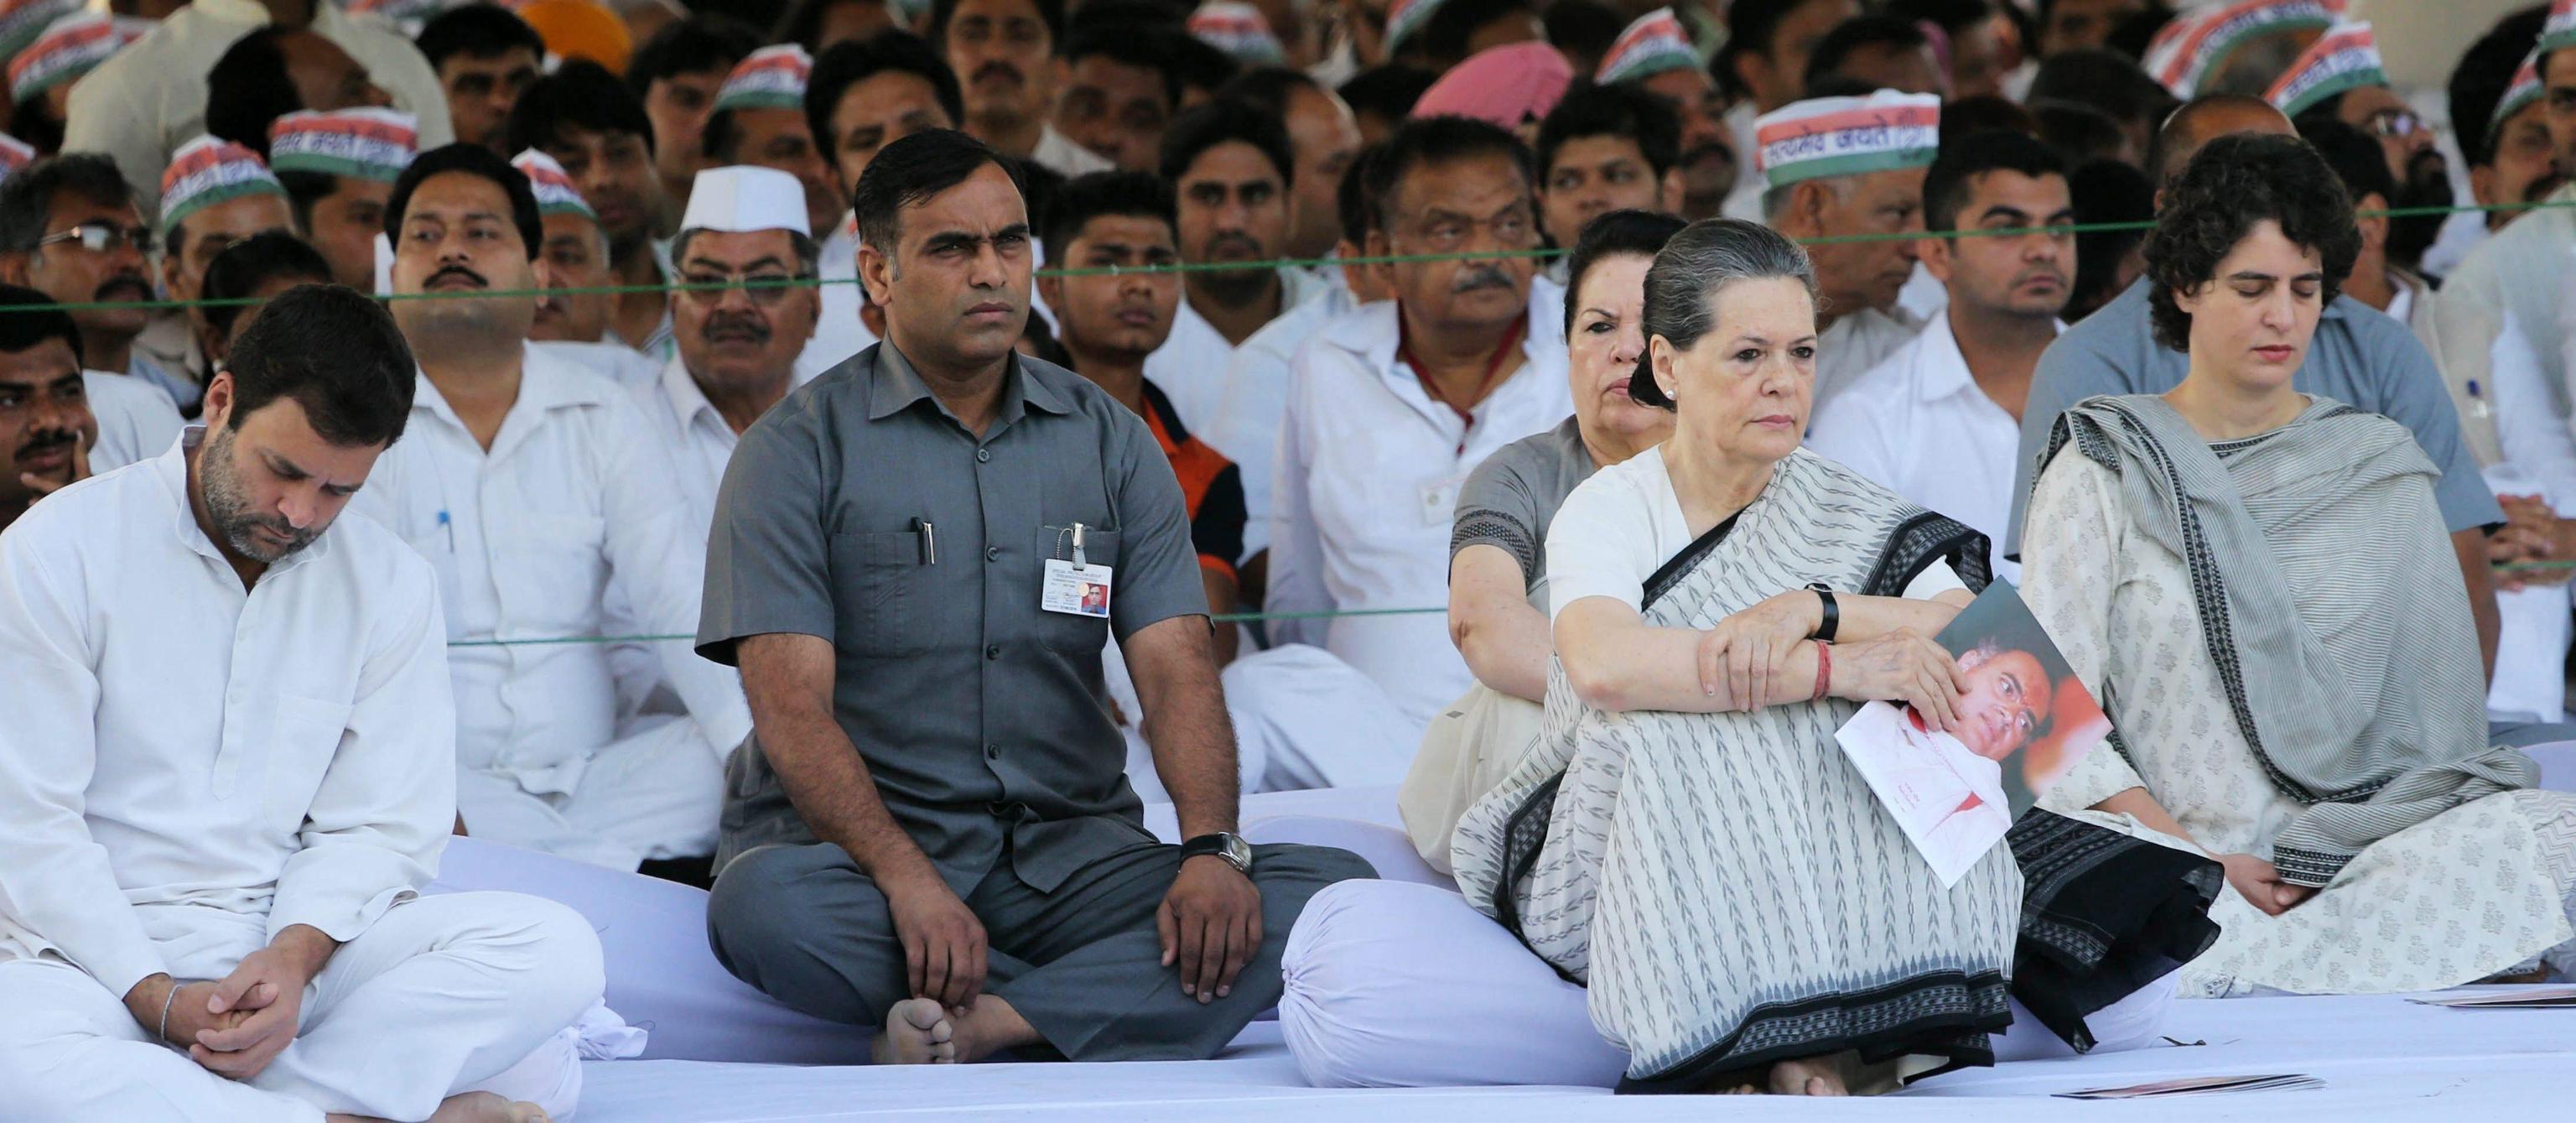 Sonia Gandhi lascia presidenza partito